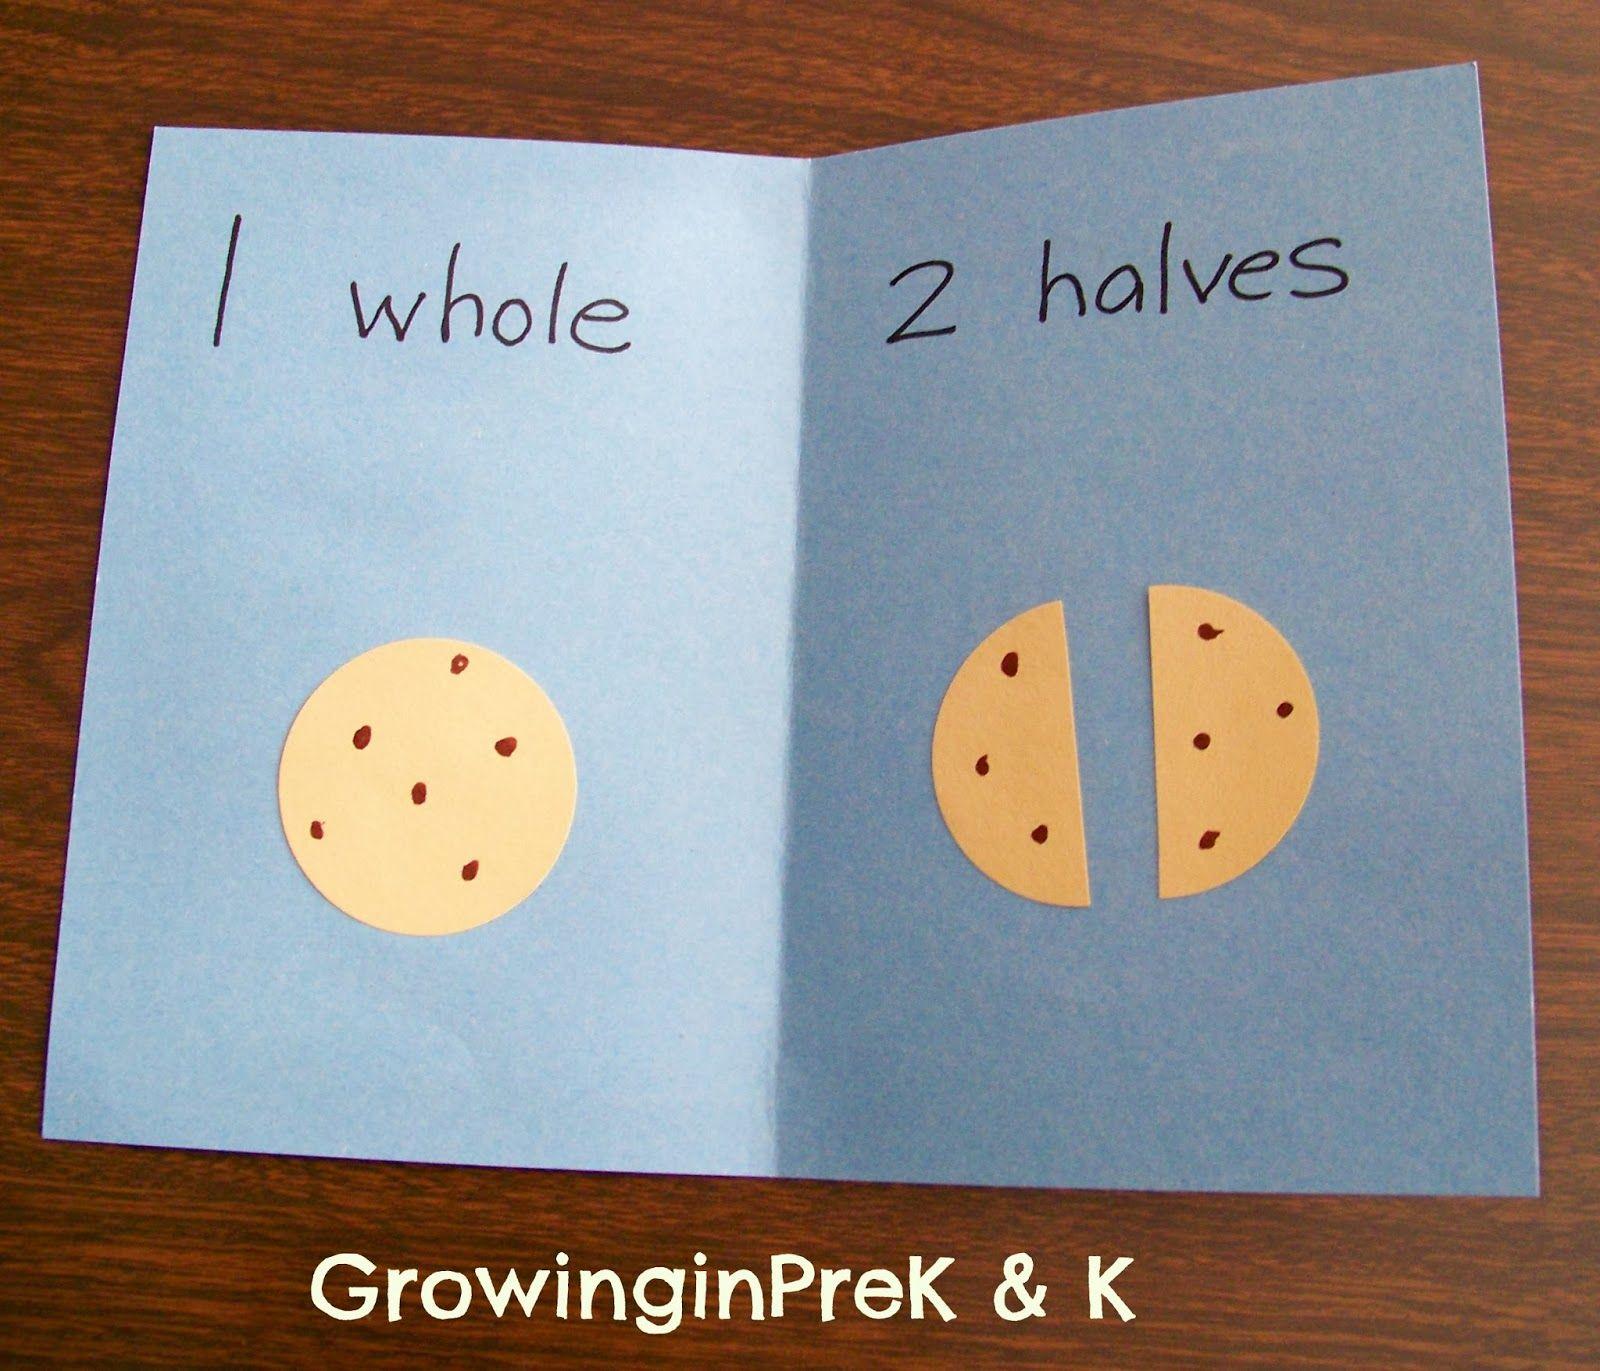 Growinginpre K And K Whole Half And Quarter In Kindergarten Math Fractions Teaching Fractions Fraction Activities [ 1371 x 1600 Pixel ]